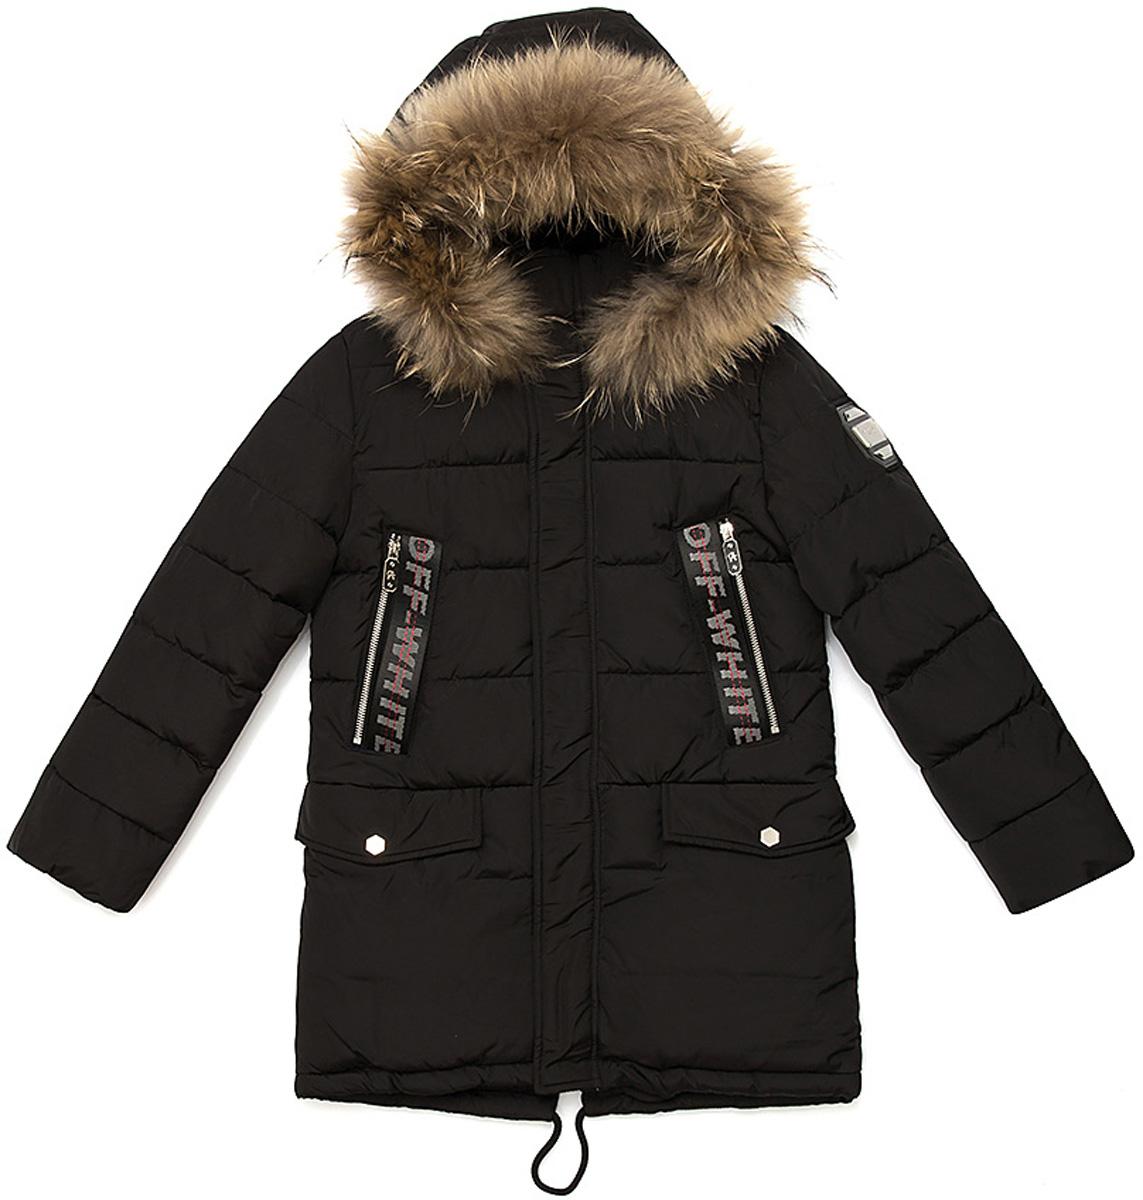 Куртка для мальчика Vitacci, цвет: черный. 1171482-03. Размер 1601171482-03Куртка для мальчика удлиненная. Капюшон съемный, отделка из натурального меха. Декоративные элементы на рукавах и карманах. Подкладка дополнительно утеплена флисом. Наполнитель БИО ПУХ. Температурный режим от -10°С до -25°С